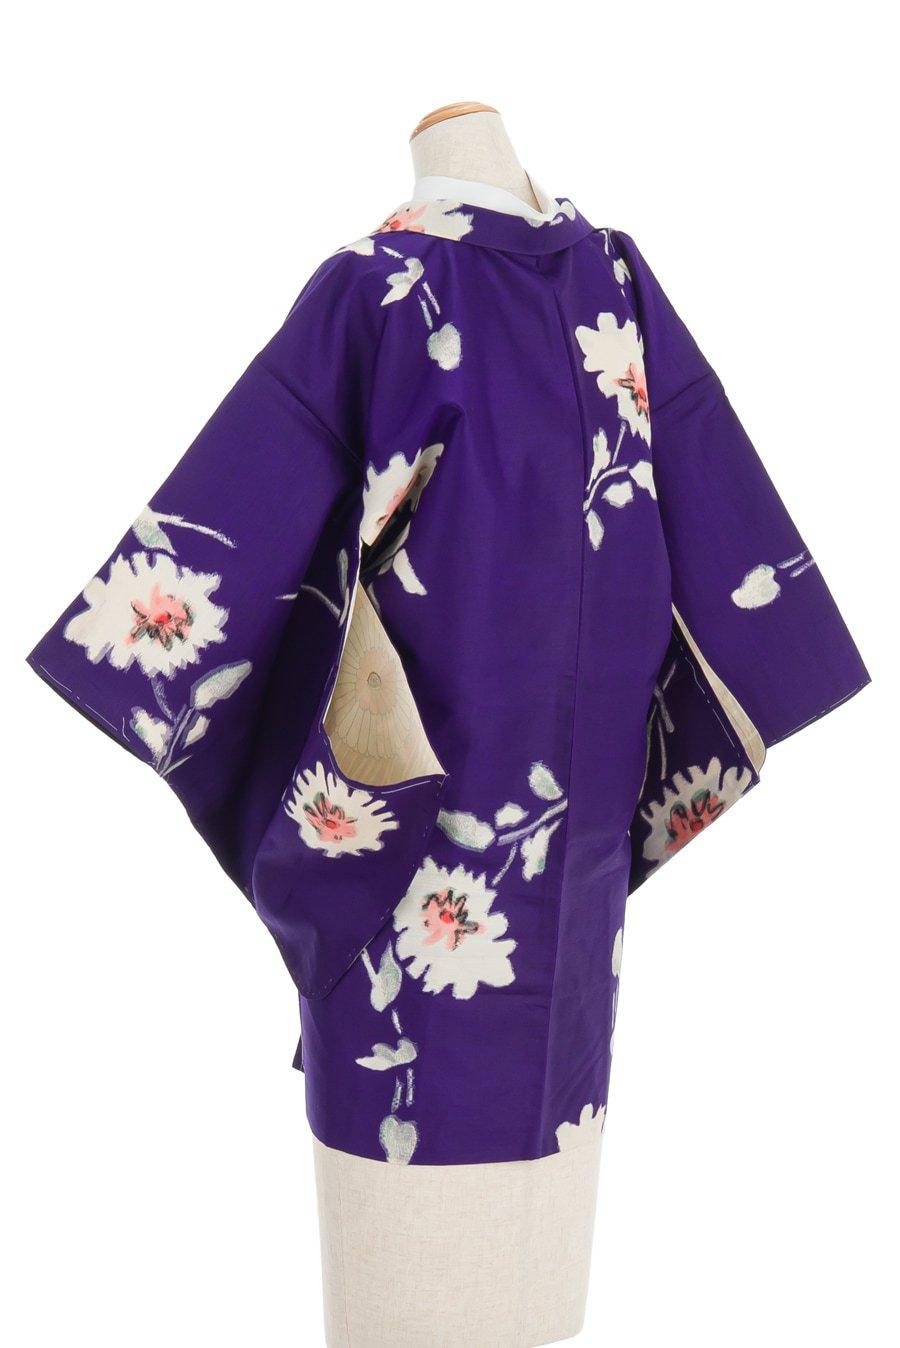 「アンティーク着物 銘仙 白い花」の商品画像